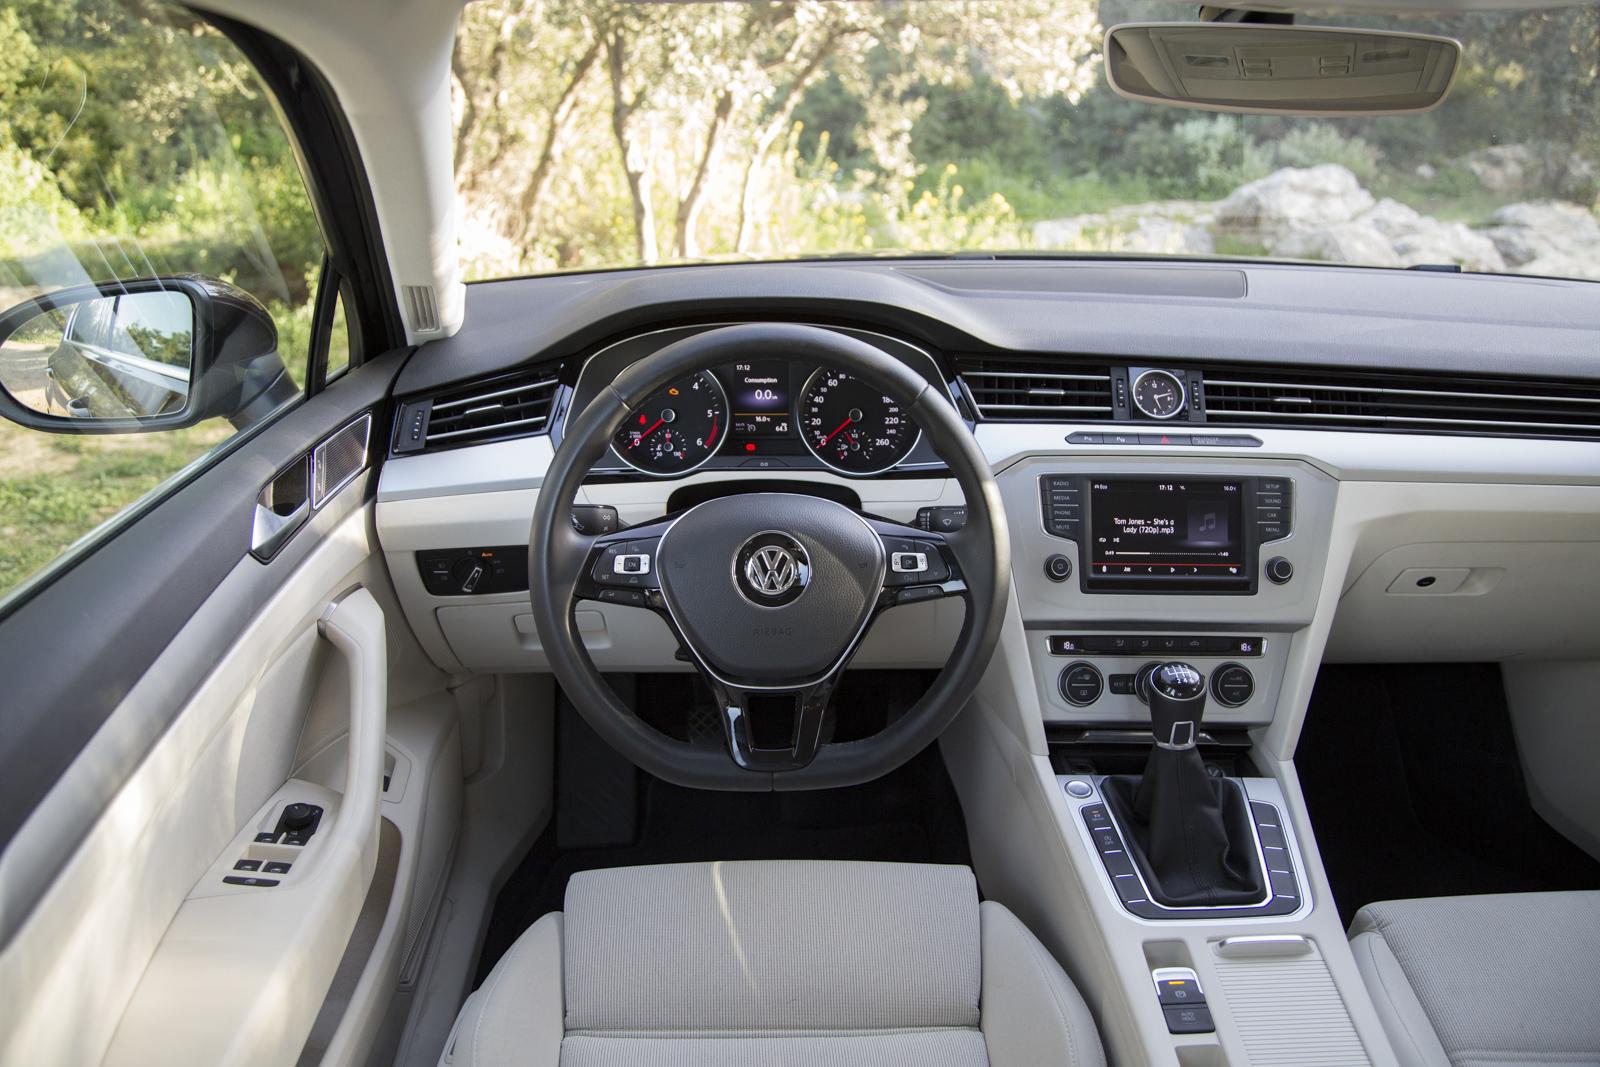 Test_Drive_VW_Passat_1.6_TDI_36